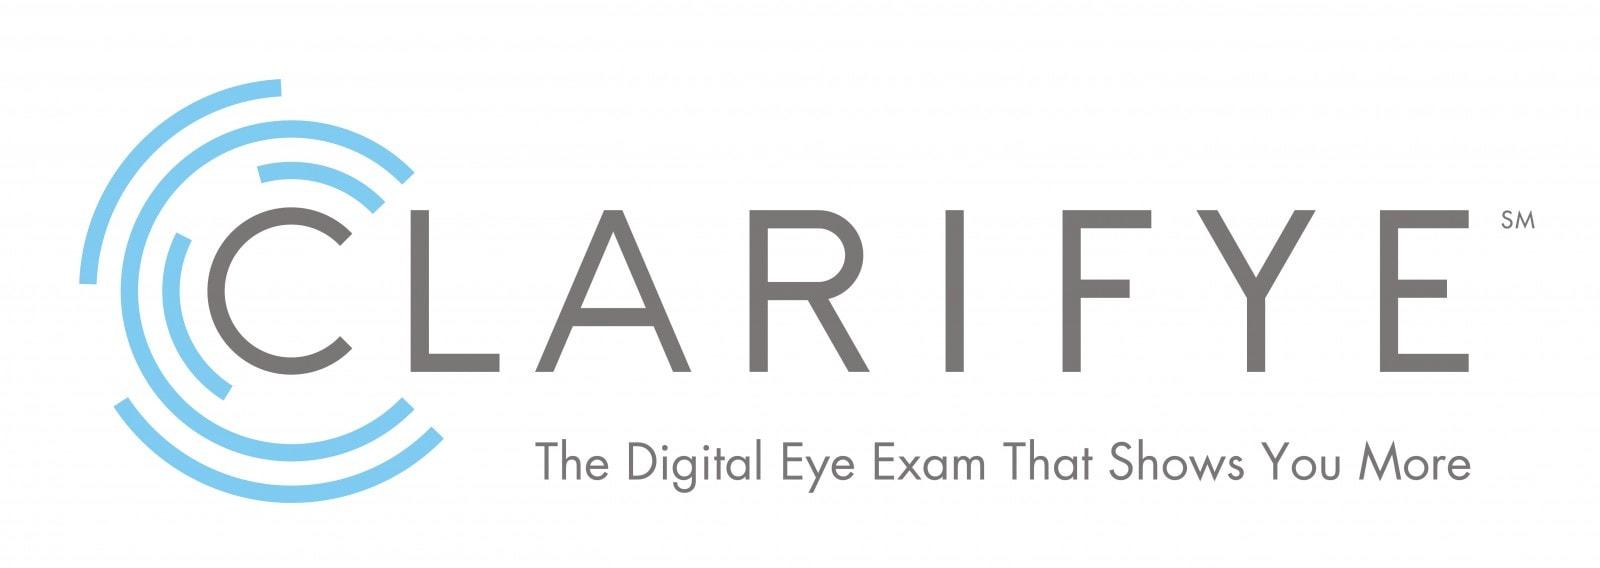 Clarifye logo image